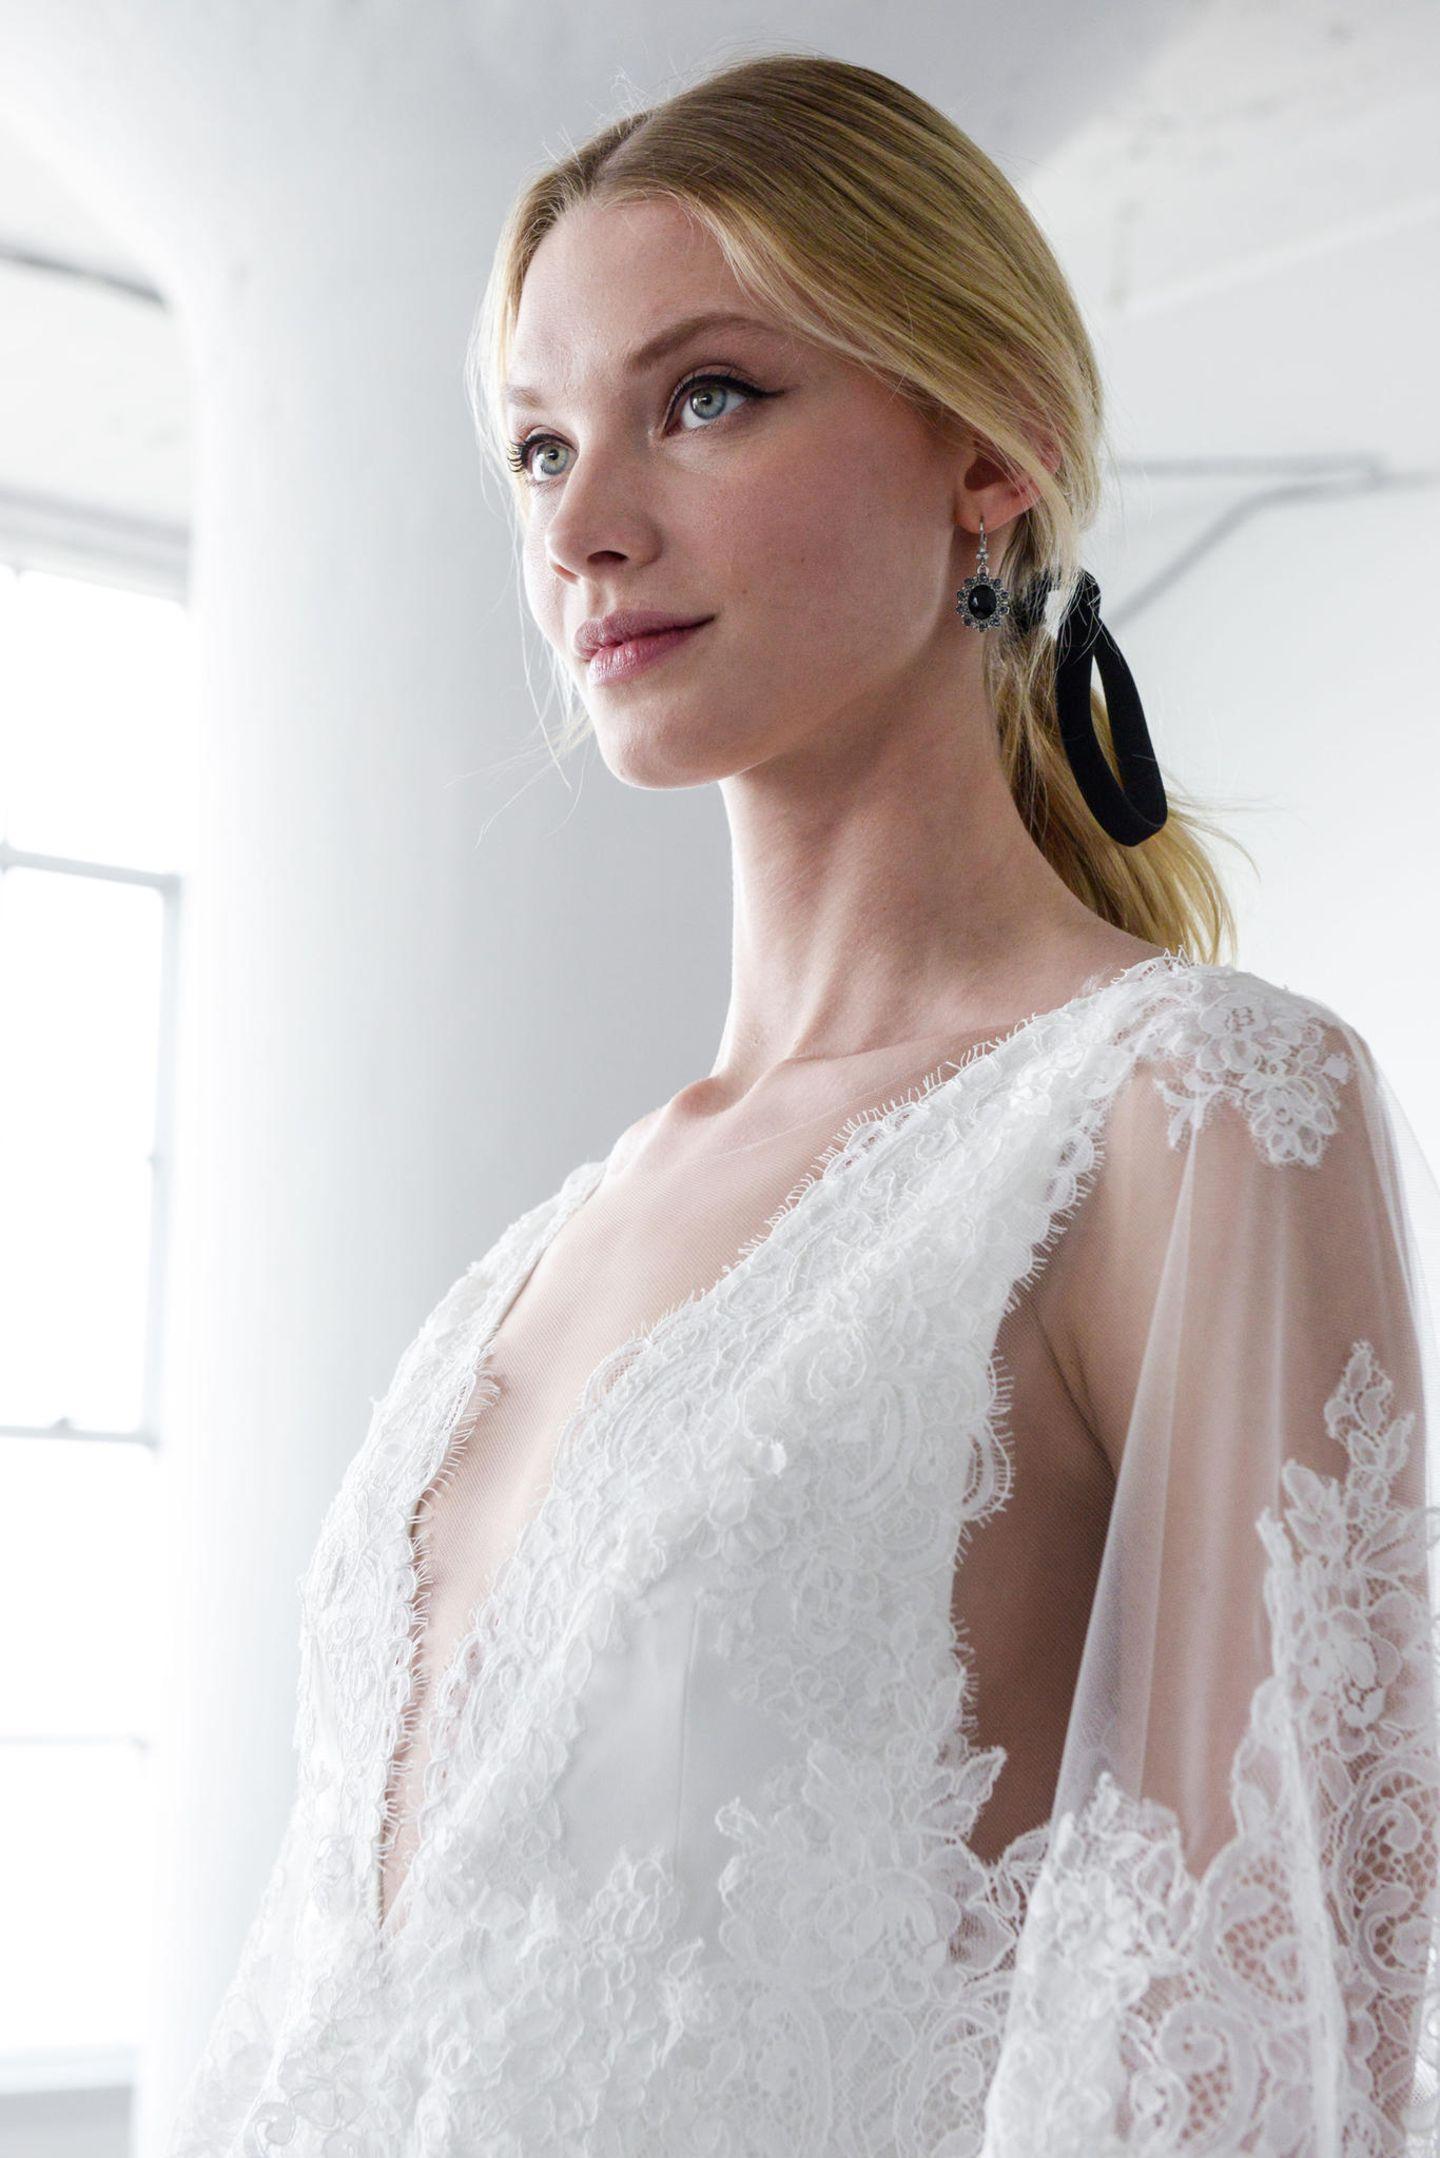 Brautfrisuren: Braut mit tiefsitzendem Zopf und Schleifenband im Haar